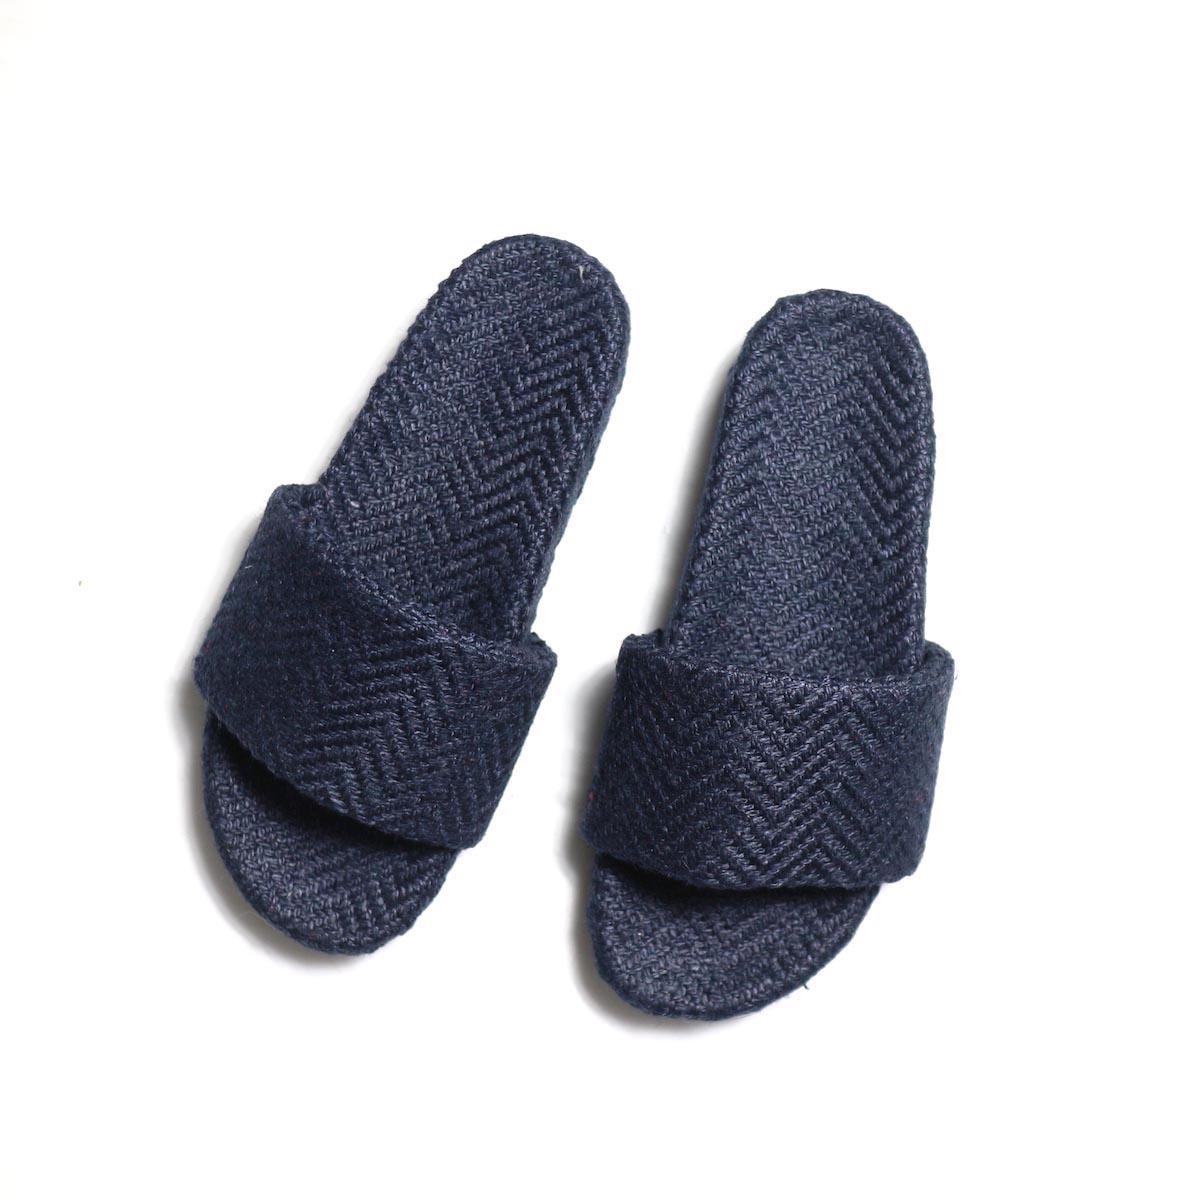 TREADs / Slide Sandal - JUTE (NAVY)